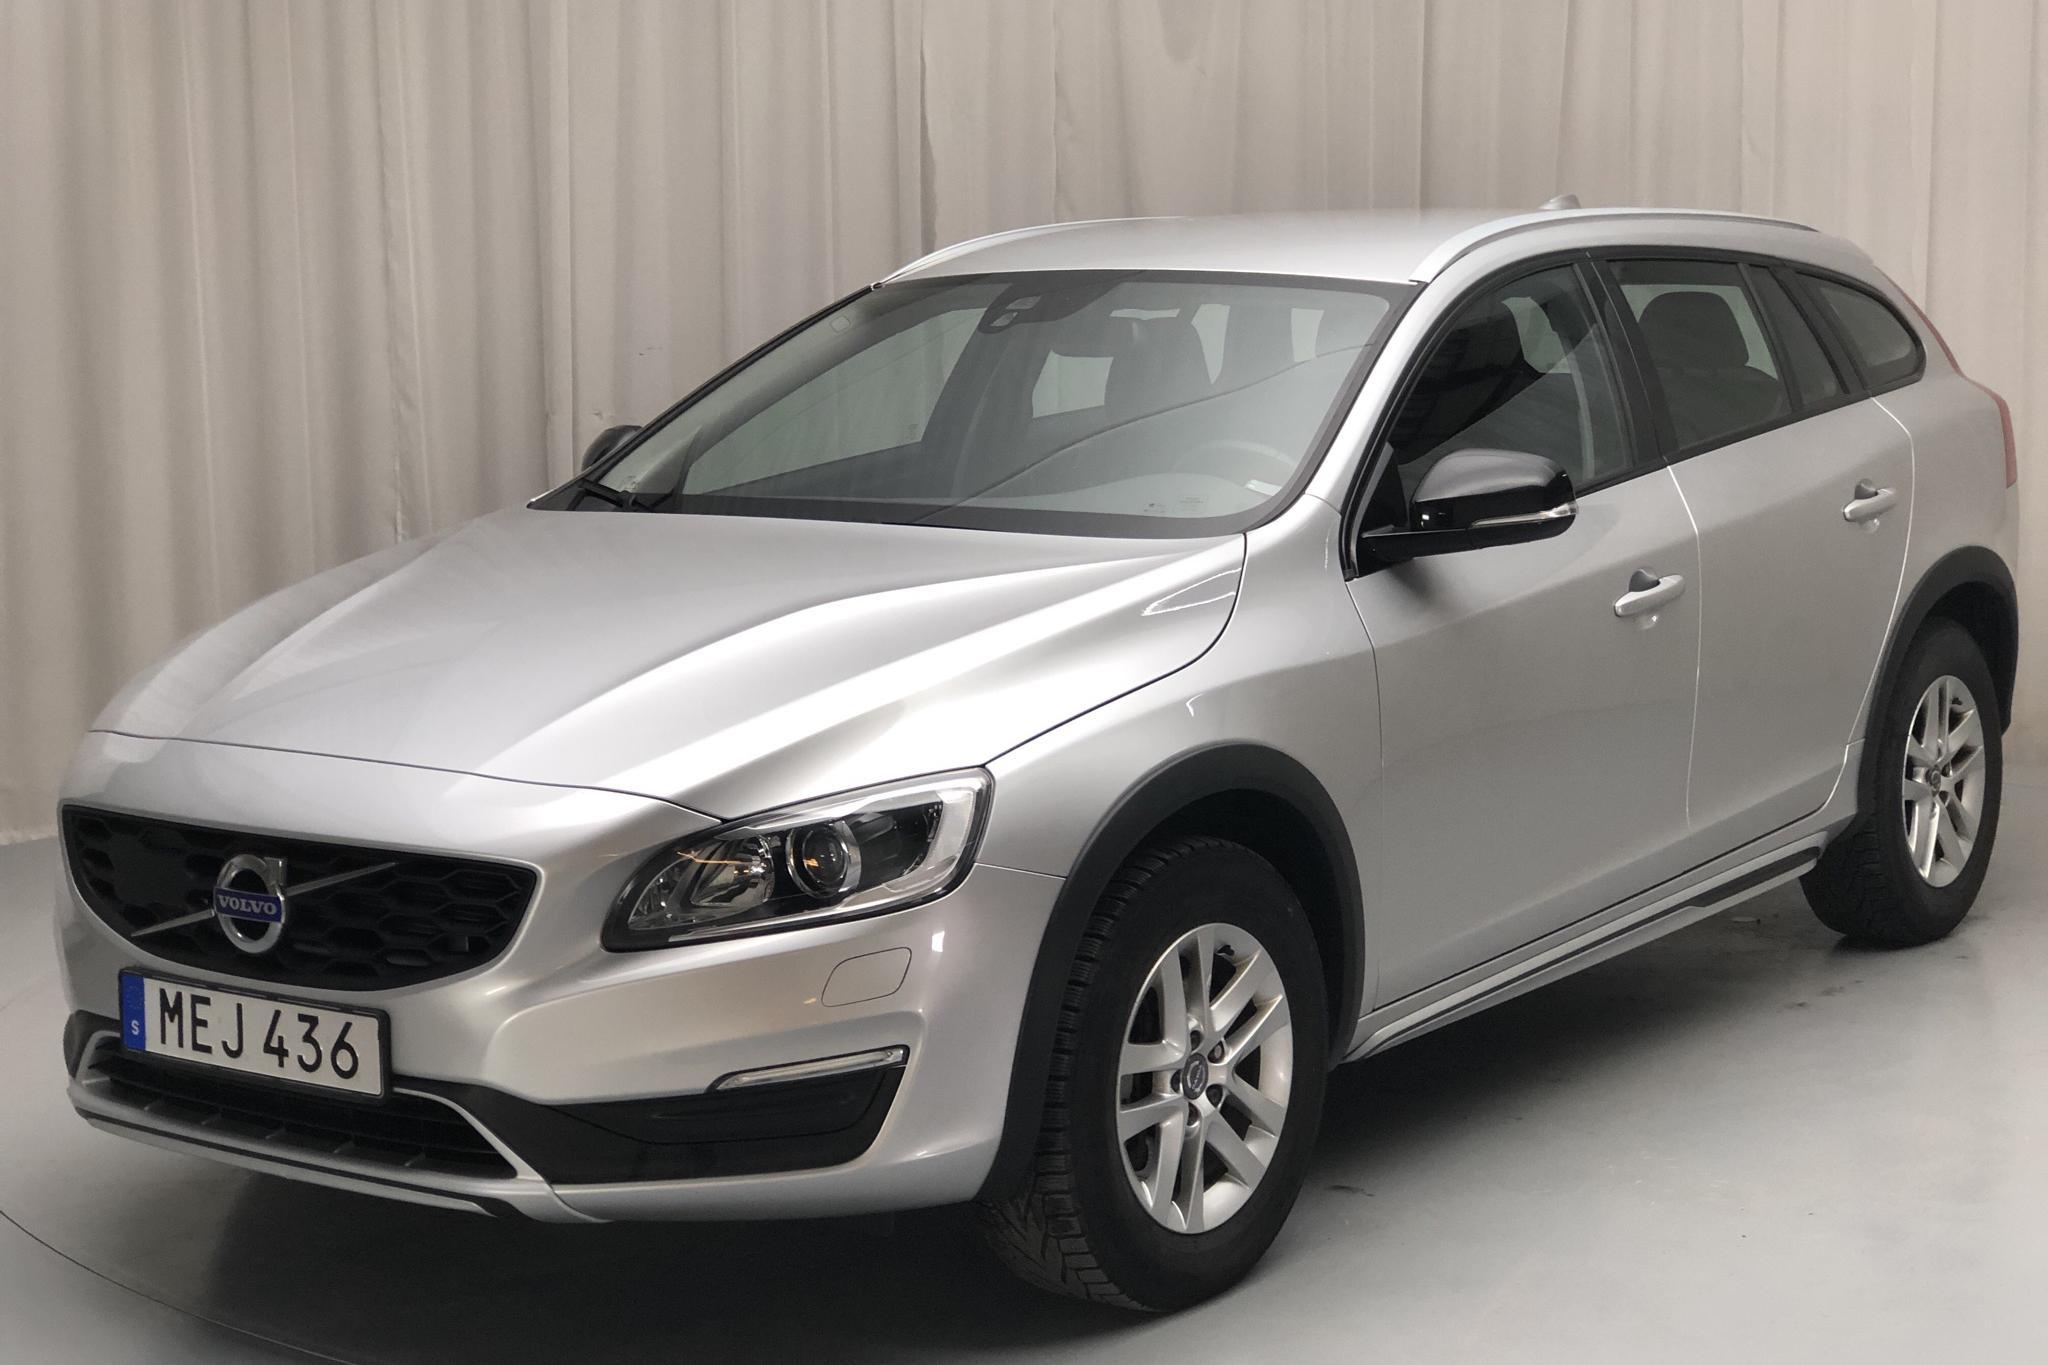 Volvo V60 D3 Cross Country (150hk) - 102 810 km - Manual - silver - 2016